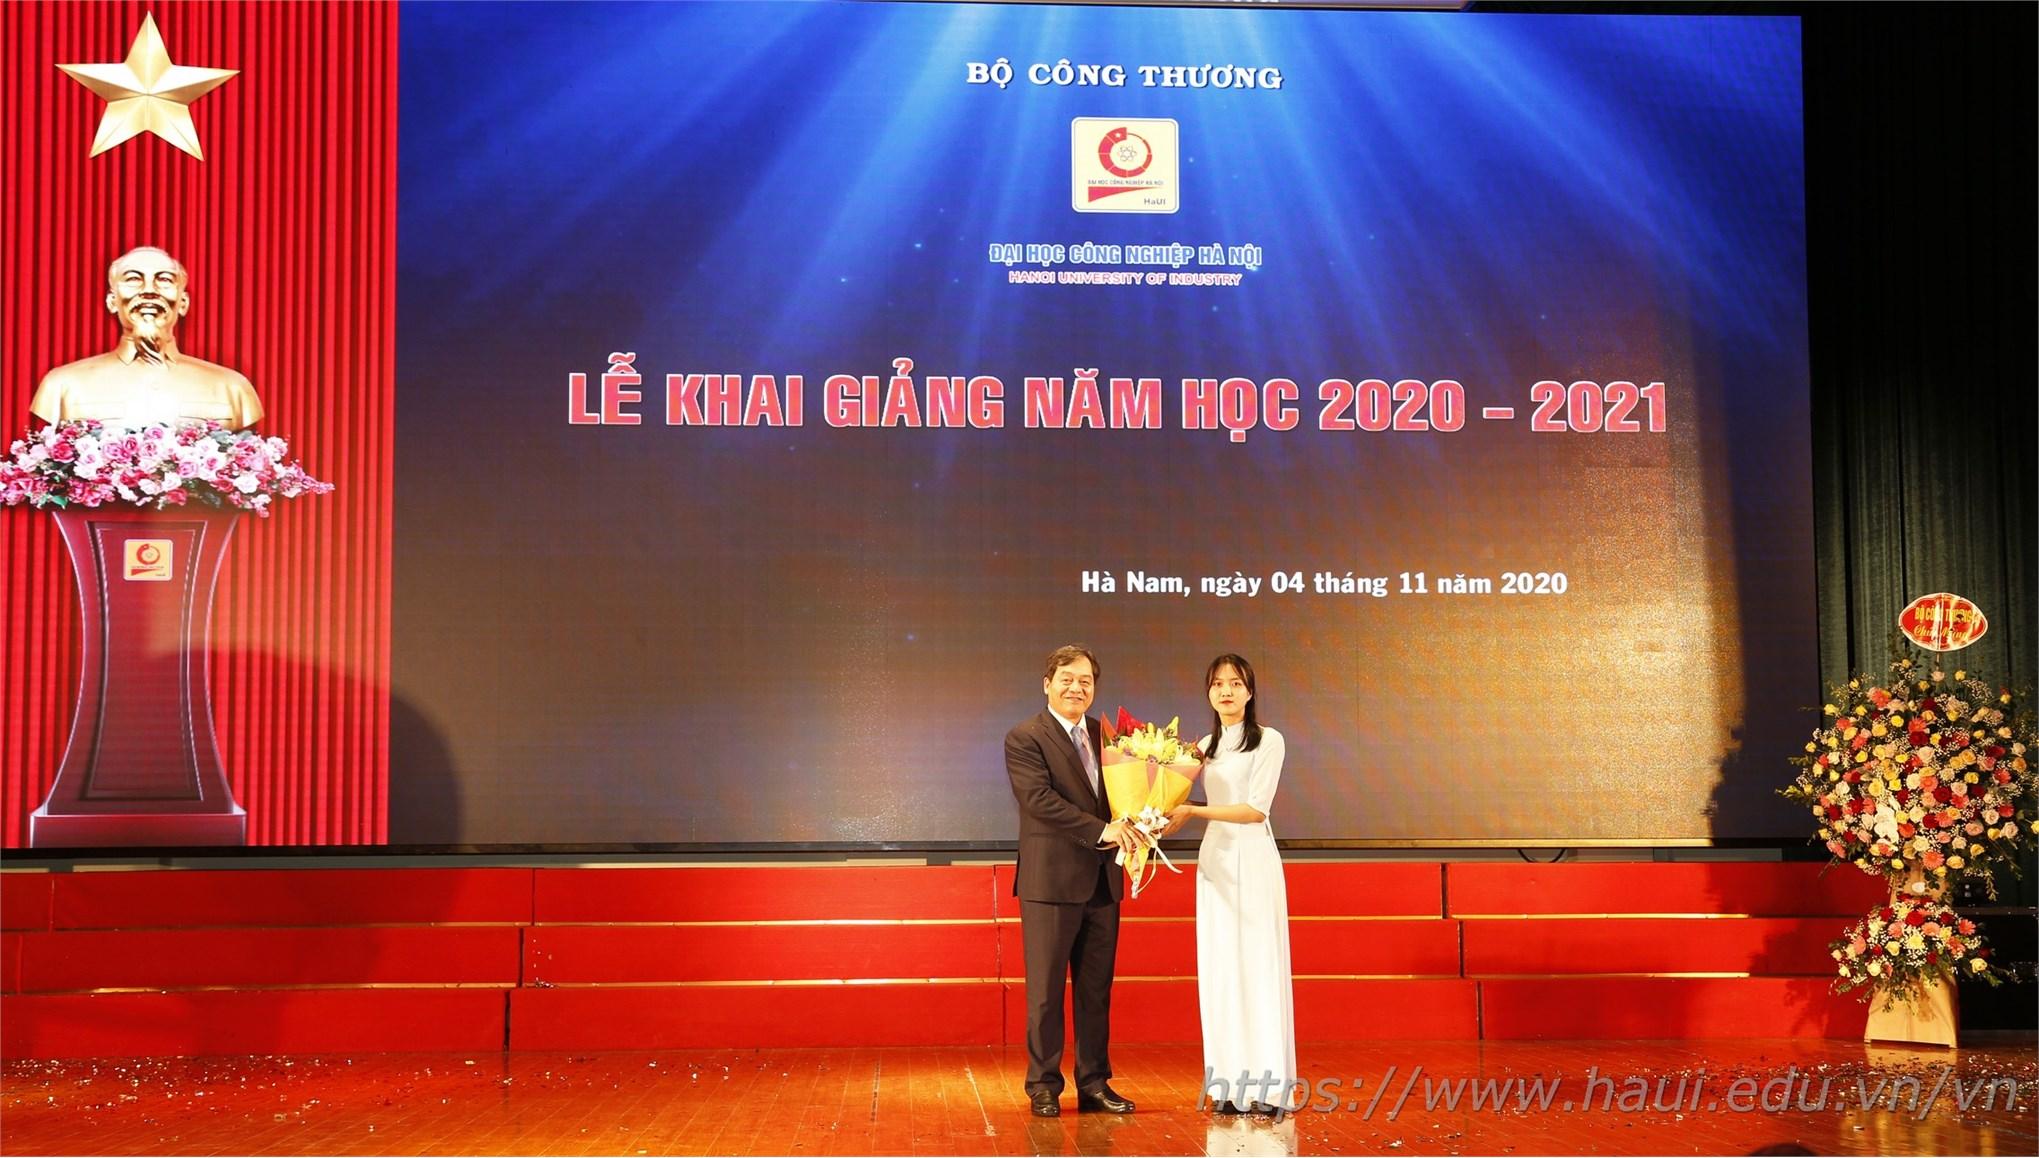 Sinh viên Cao Việt Anh đại diện cho hơn 8.000 tân sinh viên, học viên khóa mới tặng hoa chúc mừng nhà trường trong lễ khai giảng năm học 2020 - 2021